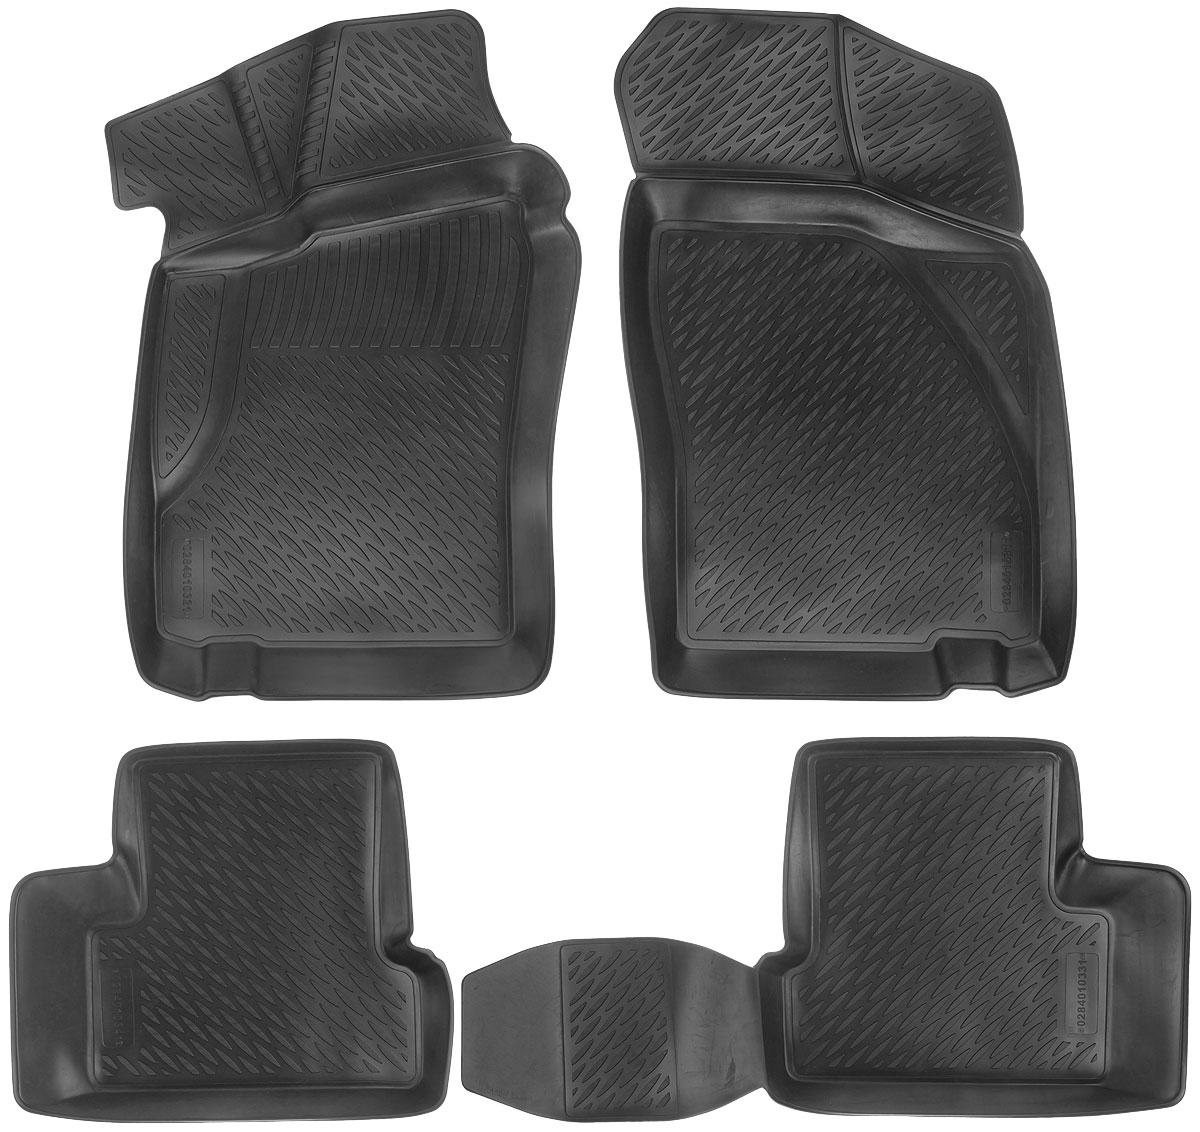 Набор автомобильных ковриков L.Locker Daewoo Nexia 2005, в салон, 4 шт0284010301Набор L.Locker Daewoo Nexia 2005, изготовленный из полиуретана, состоит из 4 антискользящих 3D ковриков, которые производятся индивидуально для каждой модели автомобиля. Изделие точно повторяет геометрию пола автомобиля, имеет высокий борт, обладает повышенной износоустойчивостью, лишено резкого запаха и сохраняет свои потребительские свойства в широком диапазоне температур от -50°С до +50°С. Набор подходит для автомобилей с 2005 года выпуска. Комплектация: 4 шт. Размер ковриков: 84 см х 58 см; 54 см х 46 см; 90 см х 46 см; 85 см х 53 см.